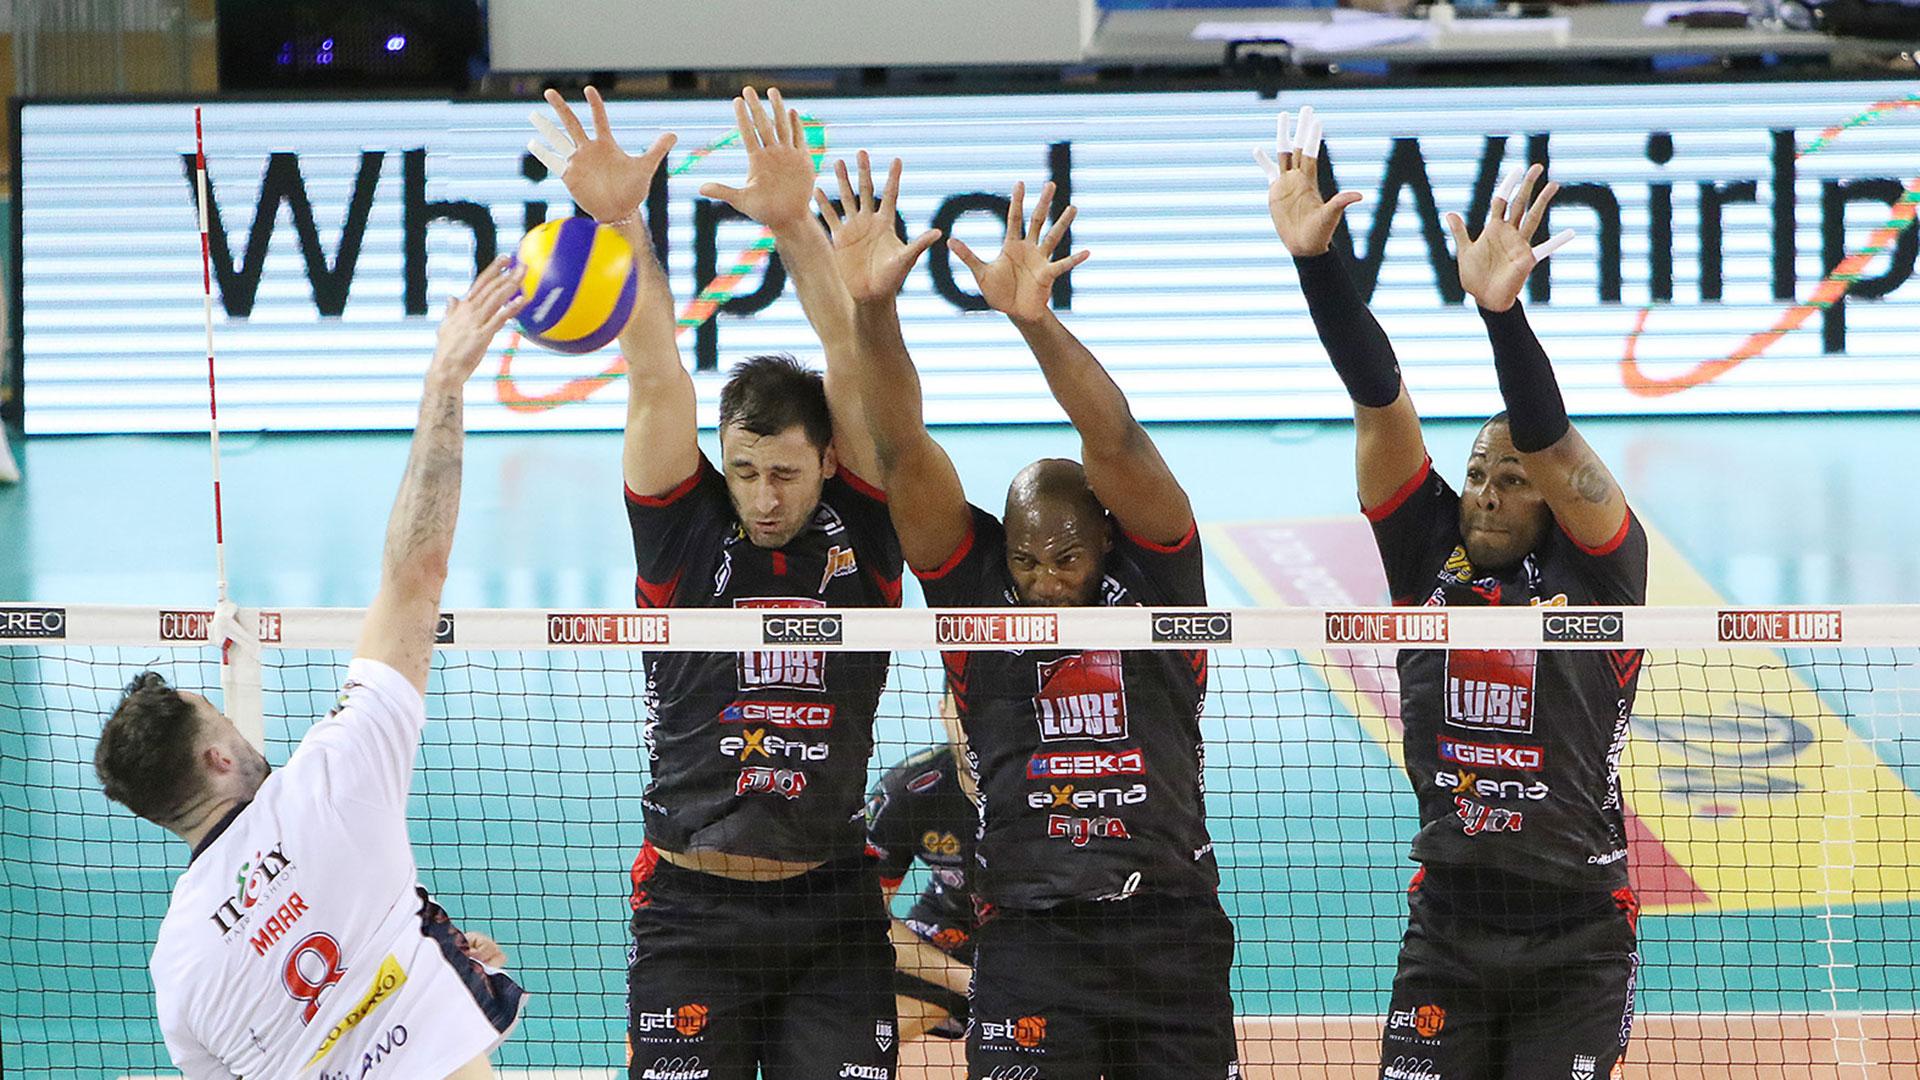 Lube-Revivre Milano 3-1, settima vittoria di fila in campionato